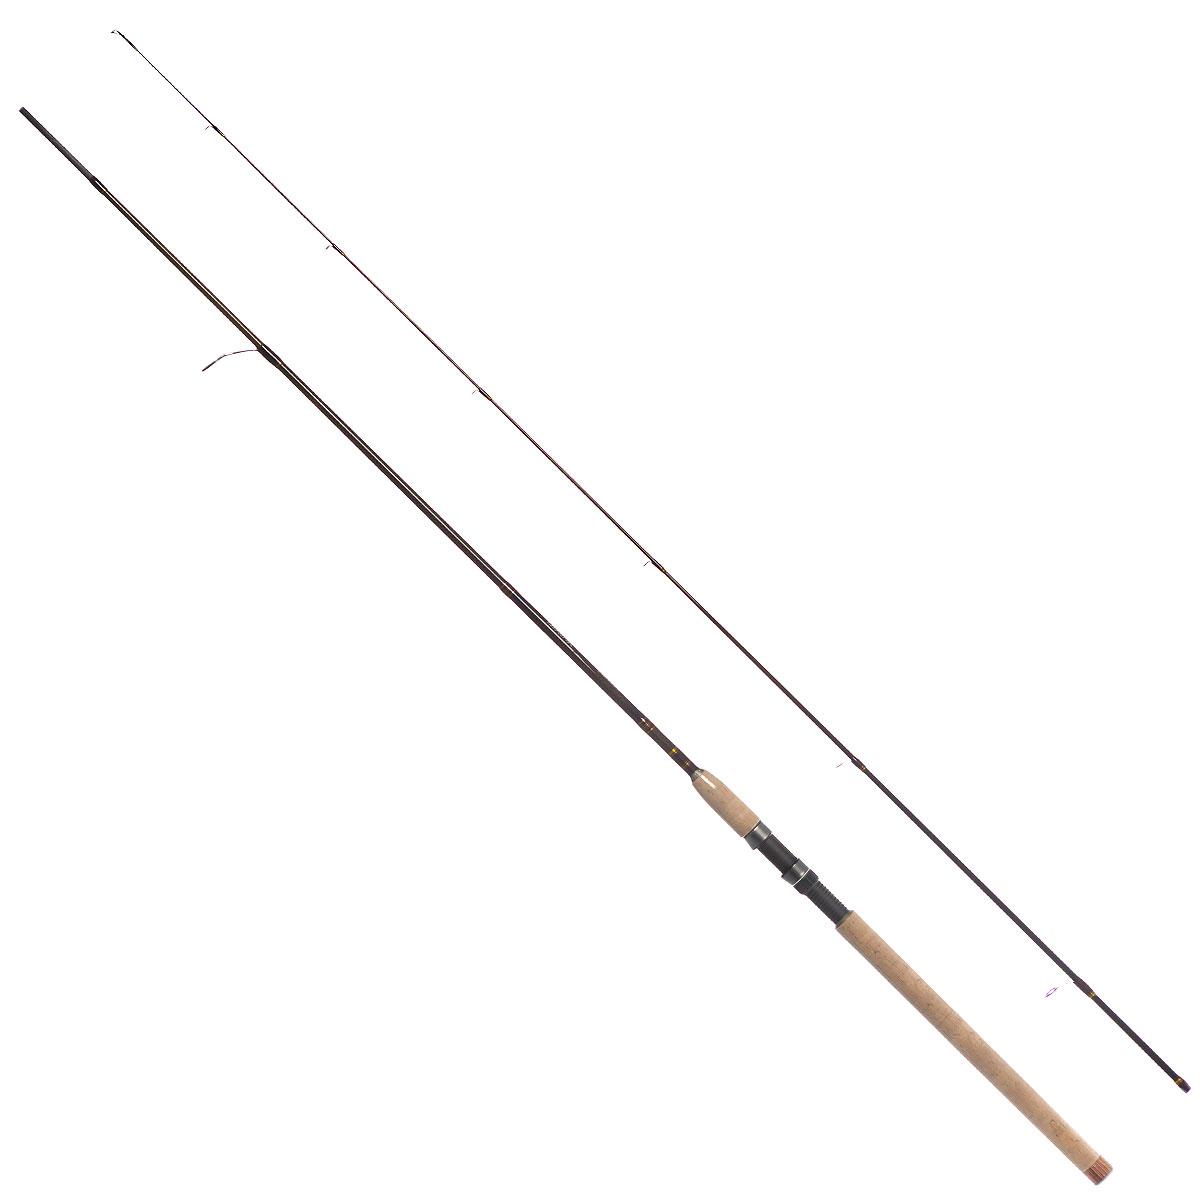 Удилище спиннинговое Daiwa New Exceler, штекерное, цвет: темно-коричневый, 2,4 м, 2-10 г удилище daiwa exceler ru 902mhfs 2 74m